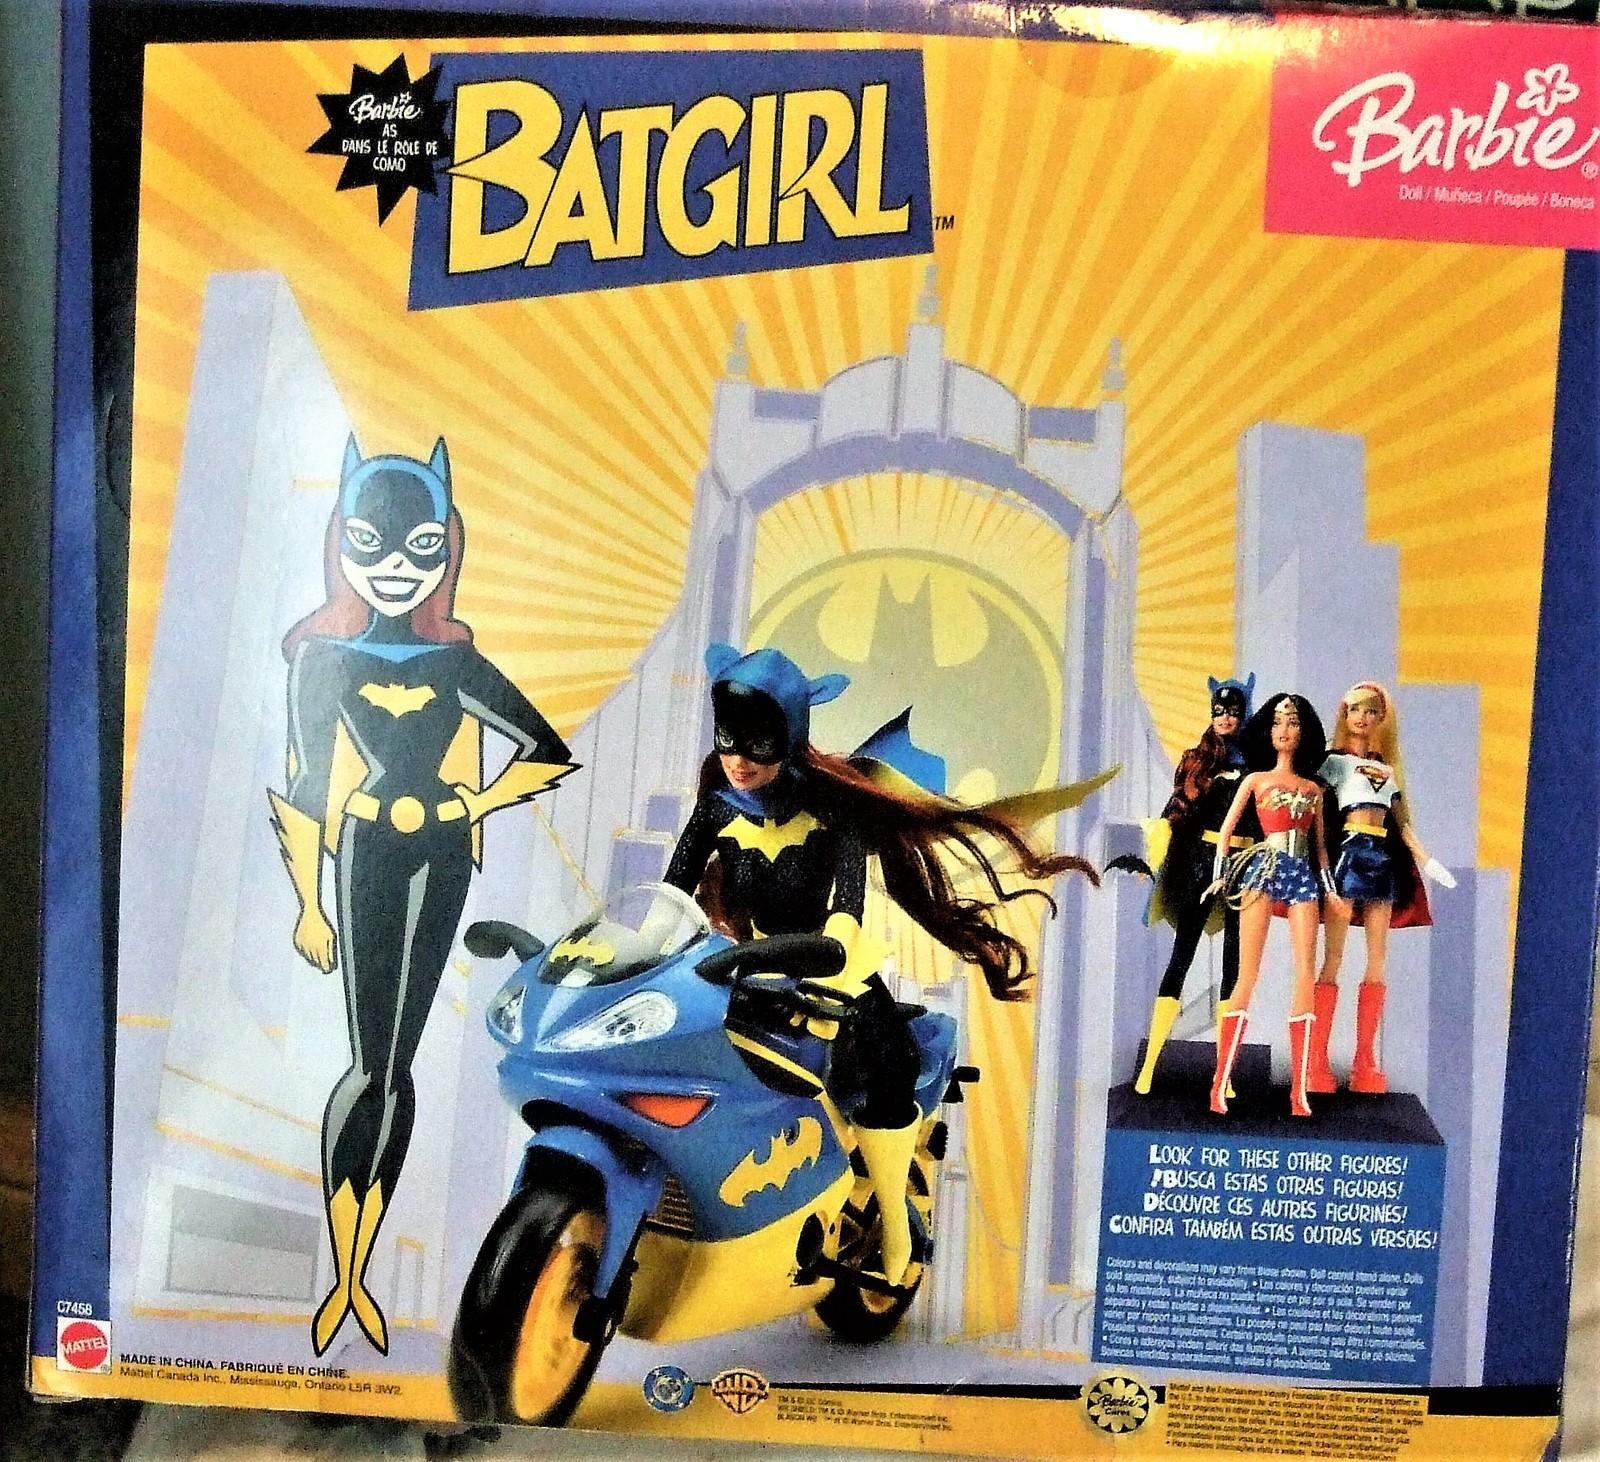 Barbie Doll - Barbie as Batgirl on Batgirl motorcycle